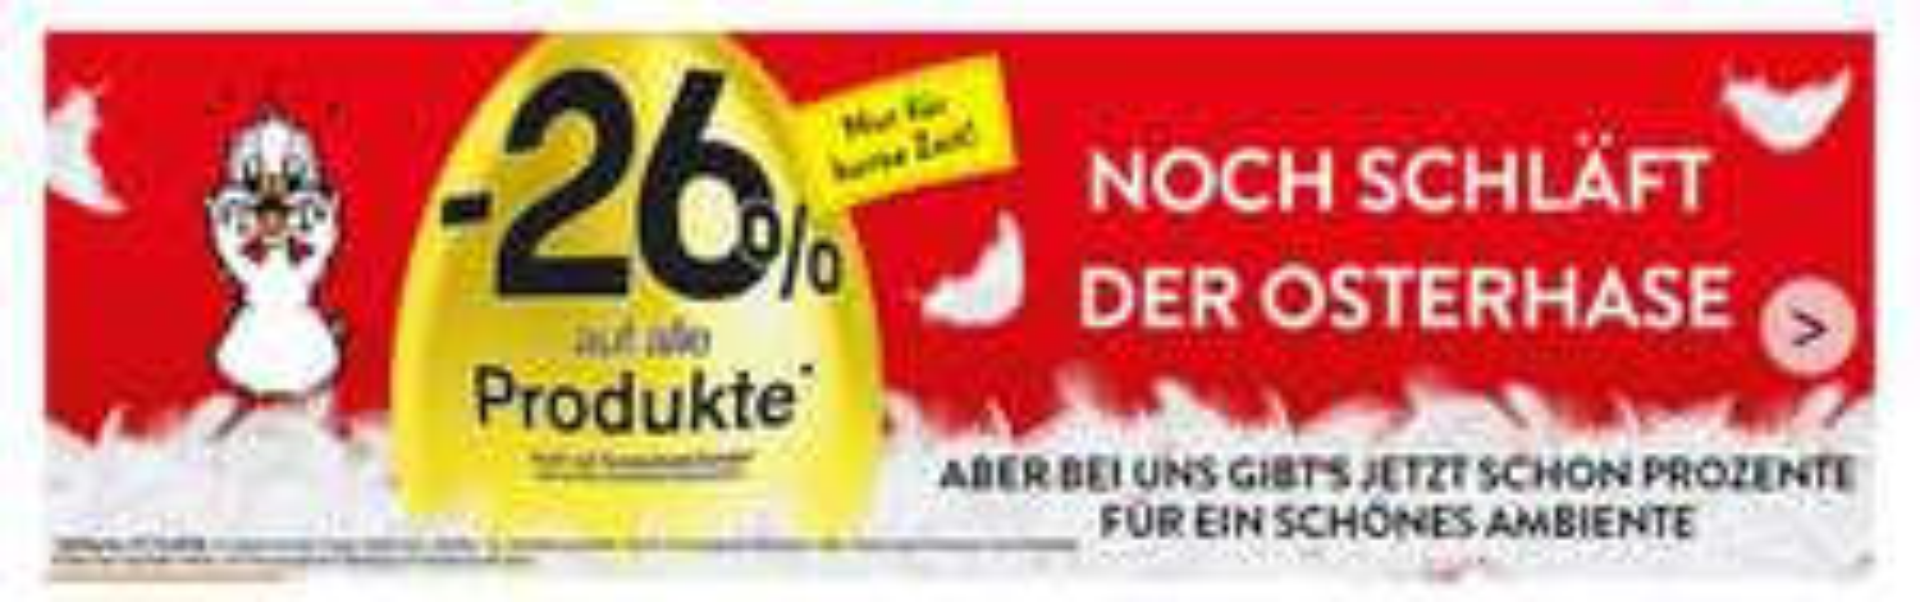 Betten Reiter: -26% auf fast alle Produkte